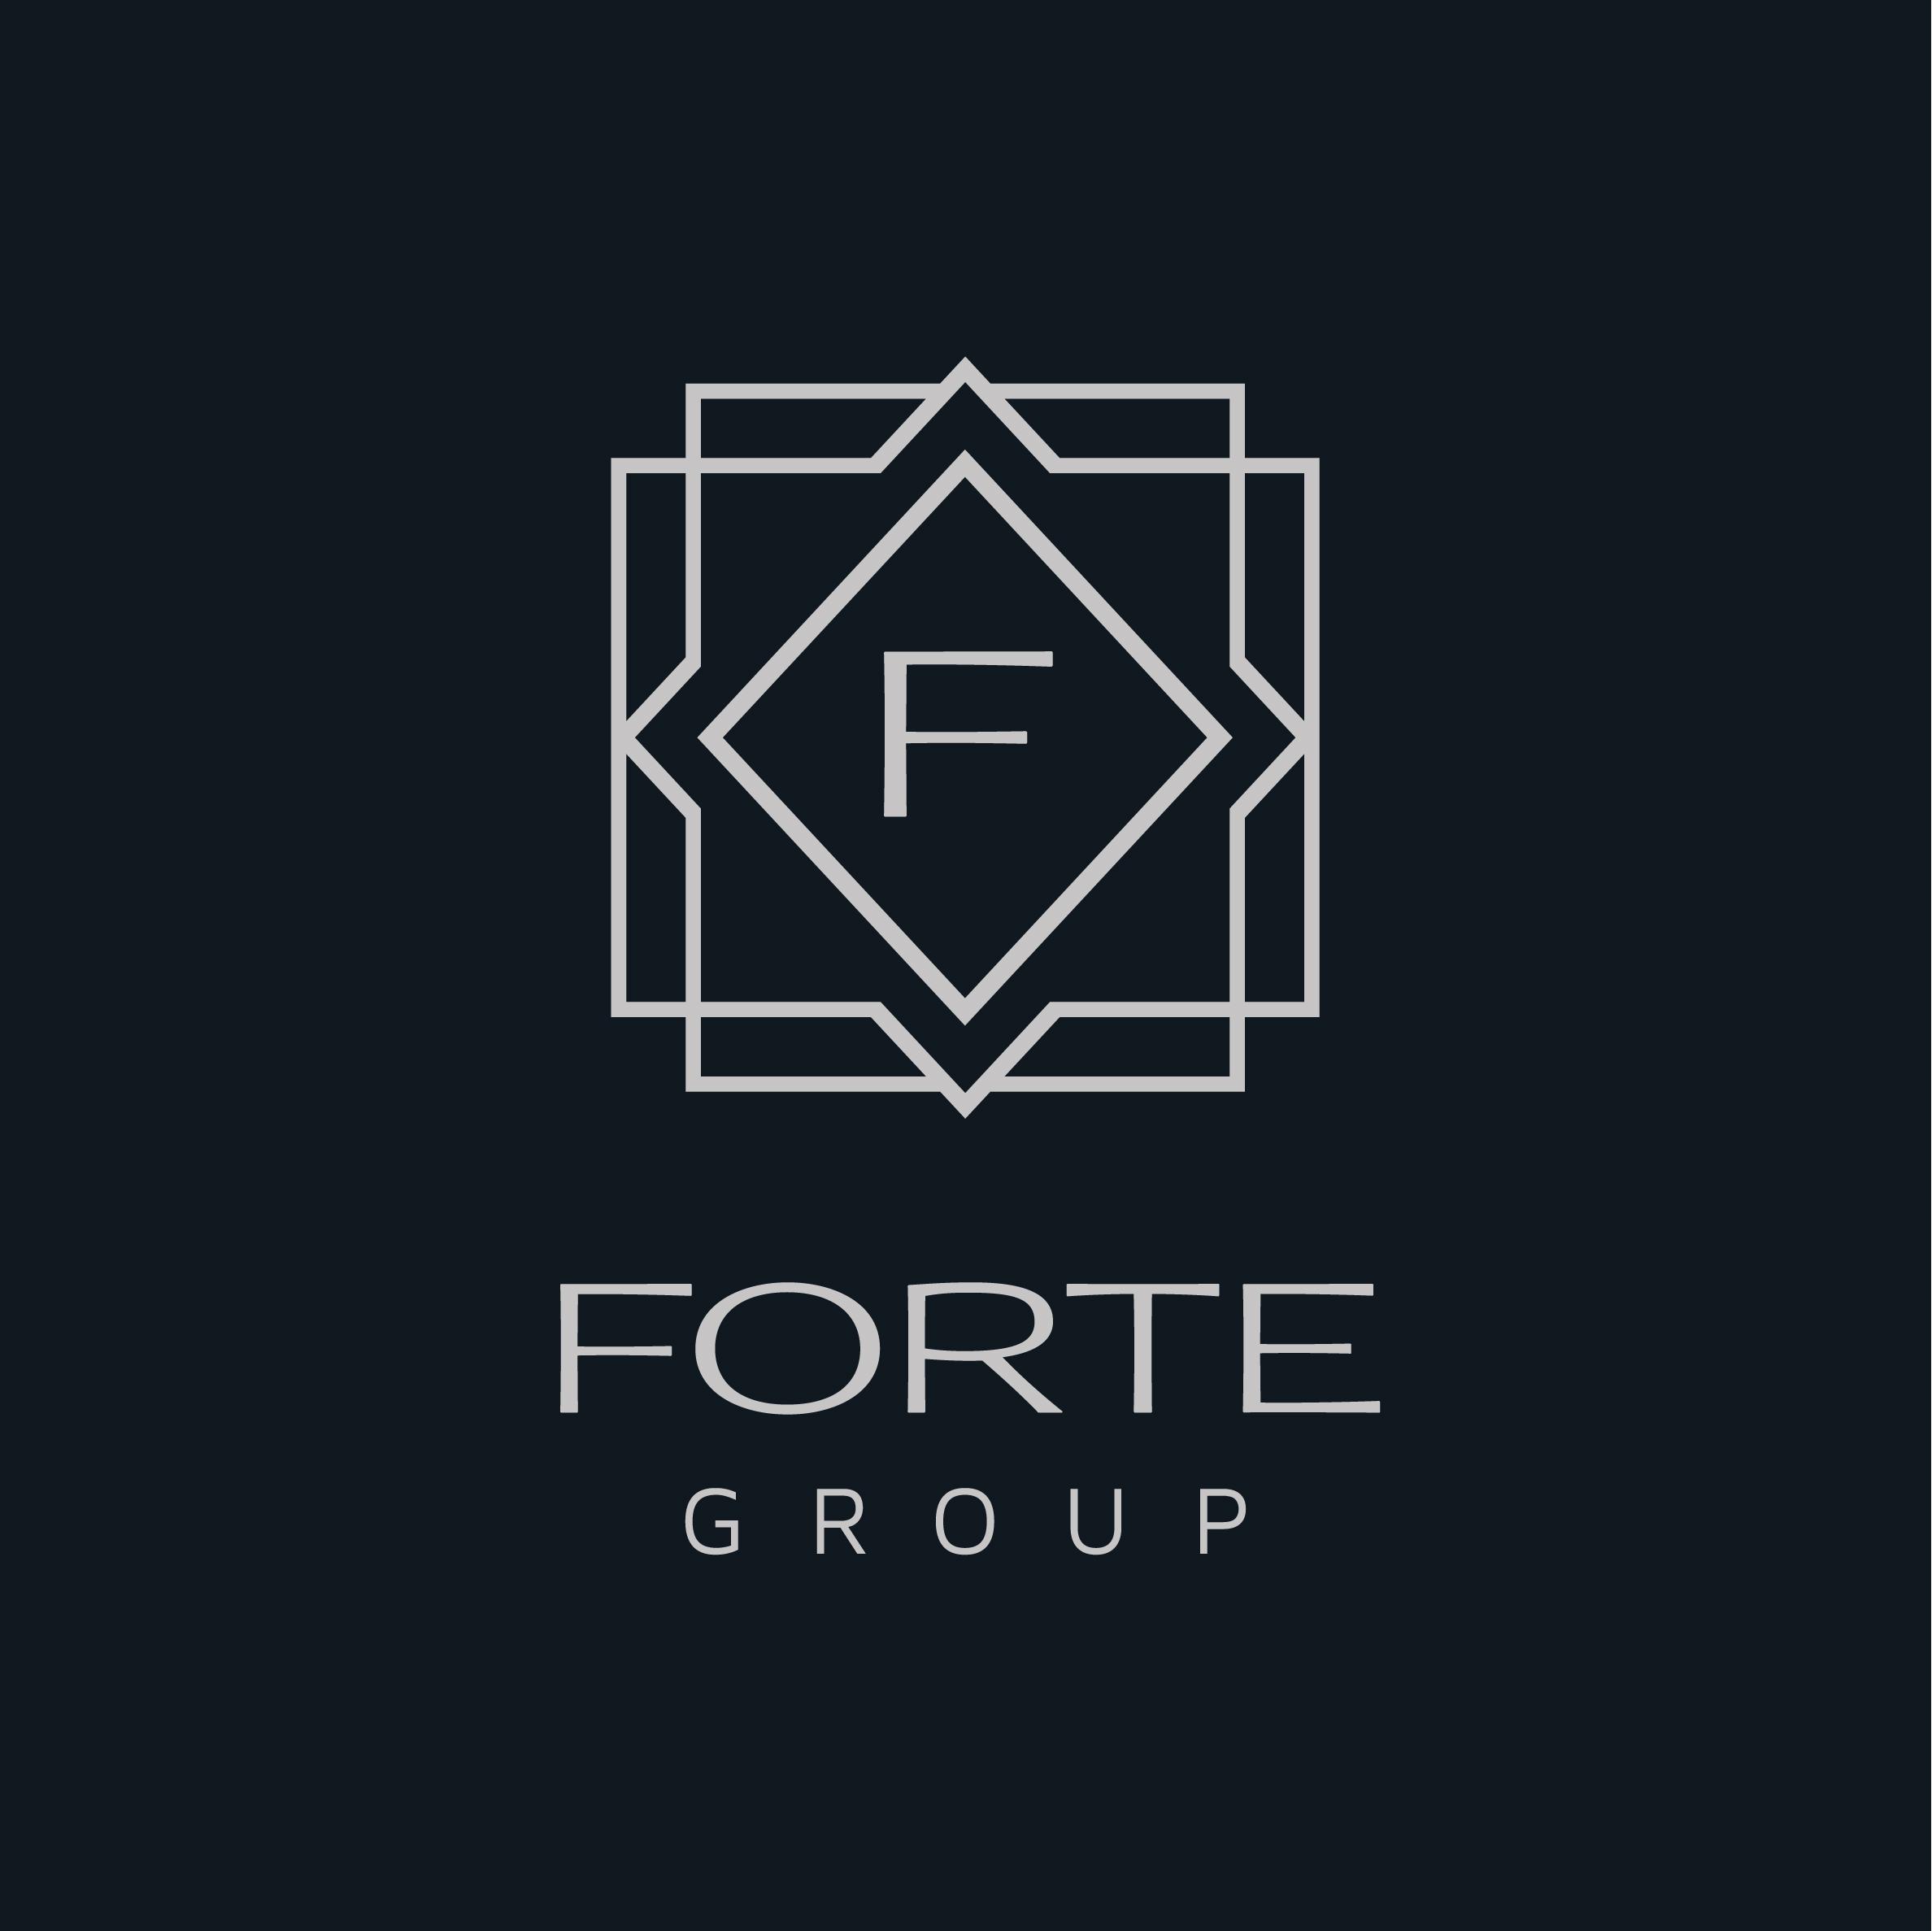 Final Logo - Forte_Monogram Luxury Platinum_Monogram Luxury Platinum.jpg